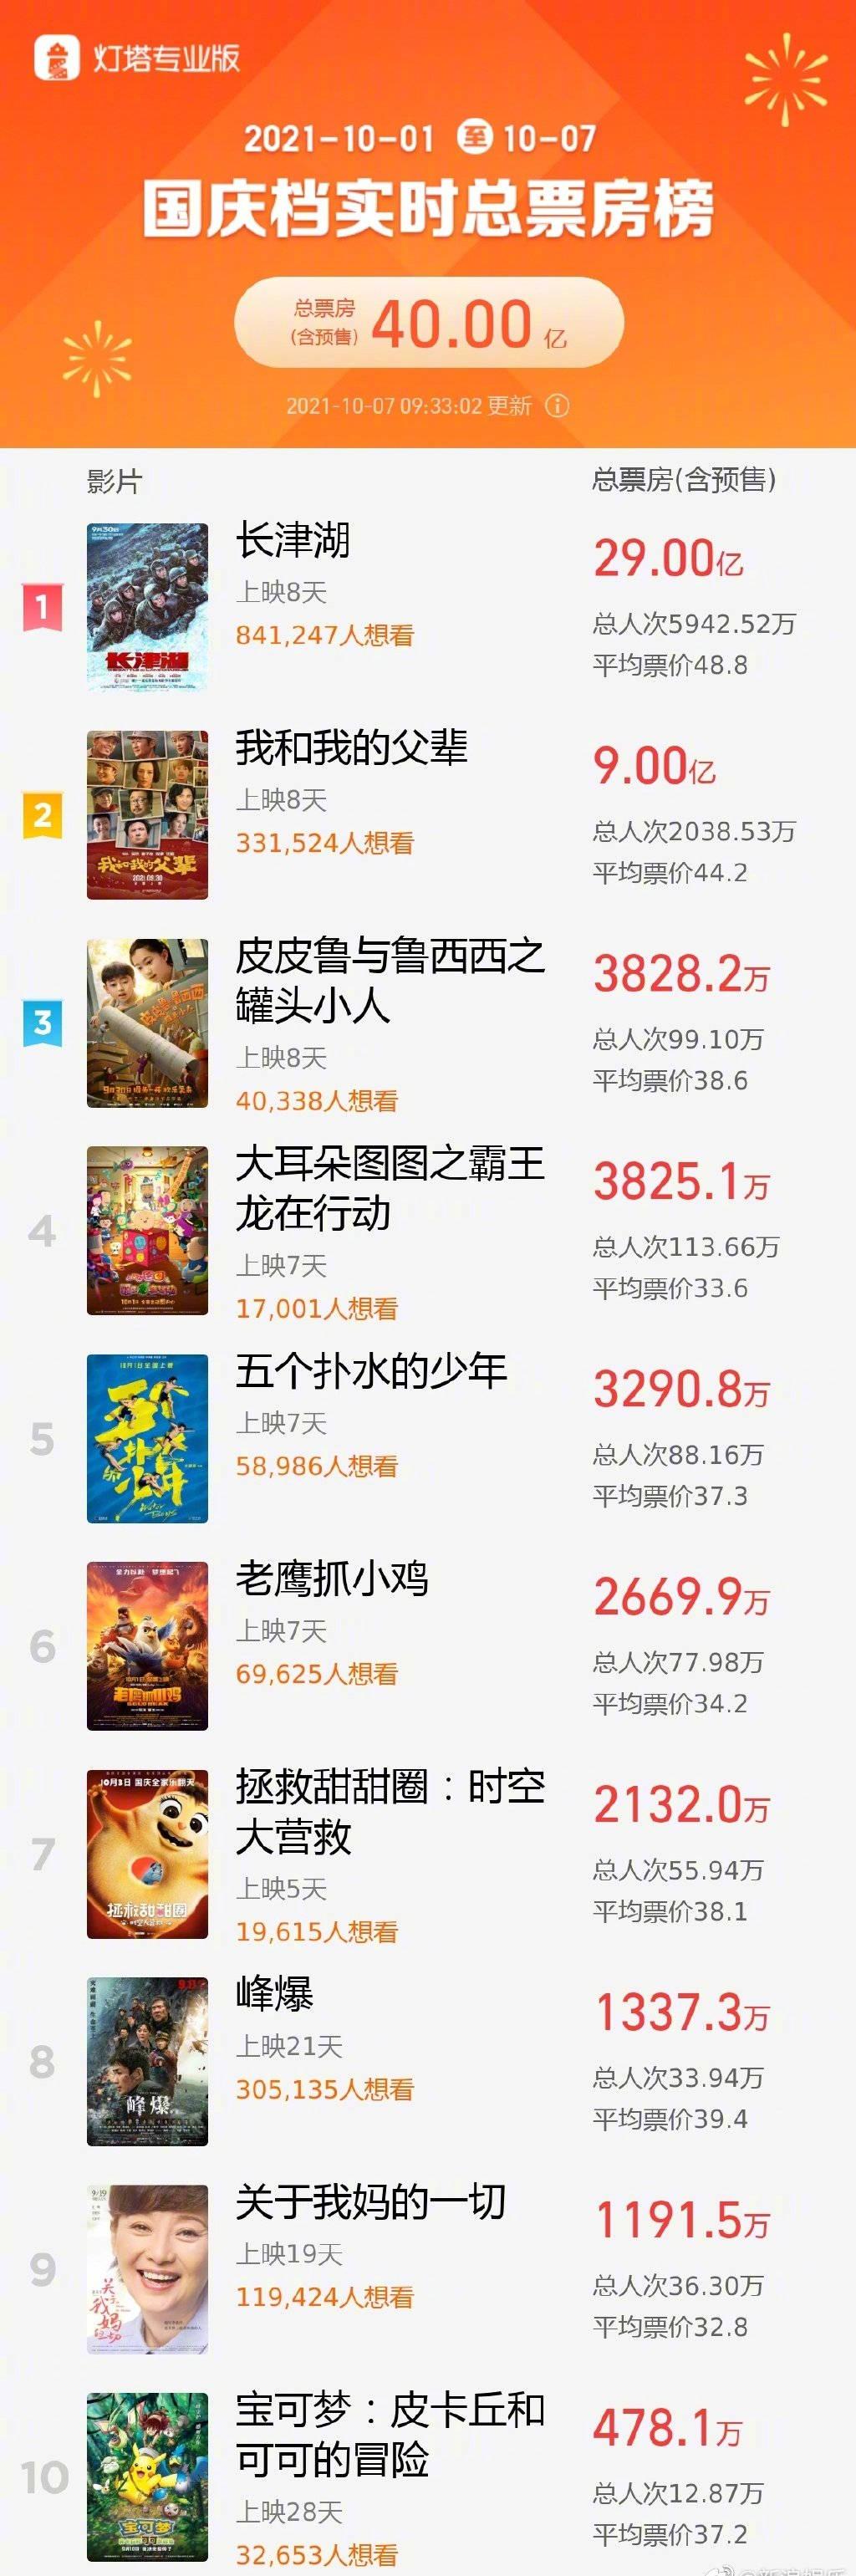 国庆档总票房破40亿!《长津湖》破中国影史历史片票房纪录 (图3)